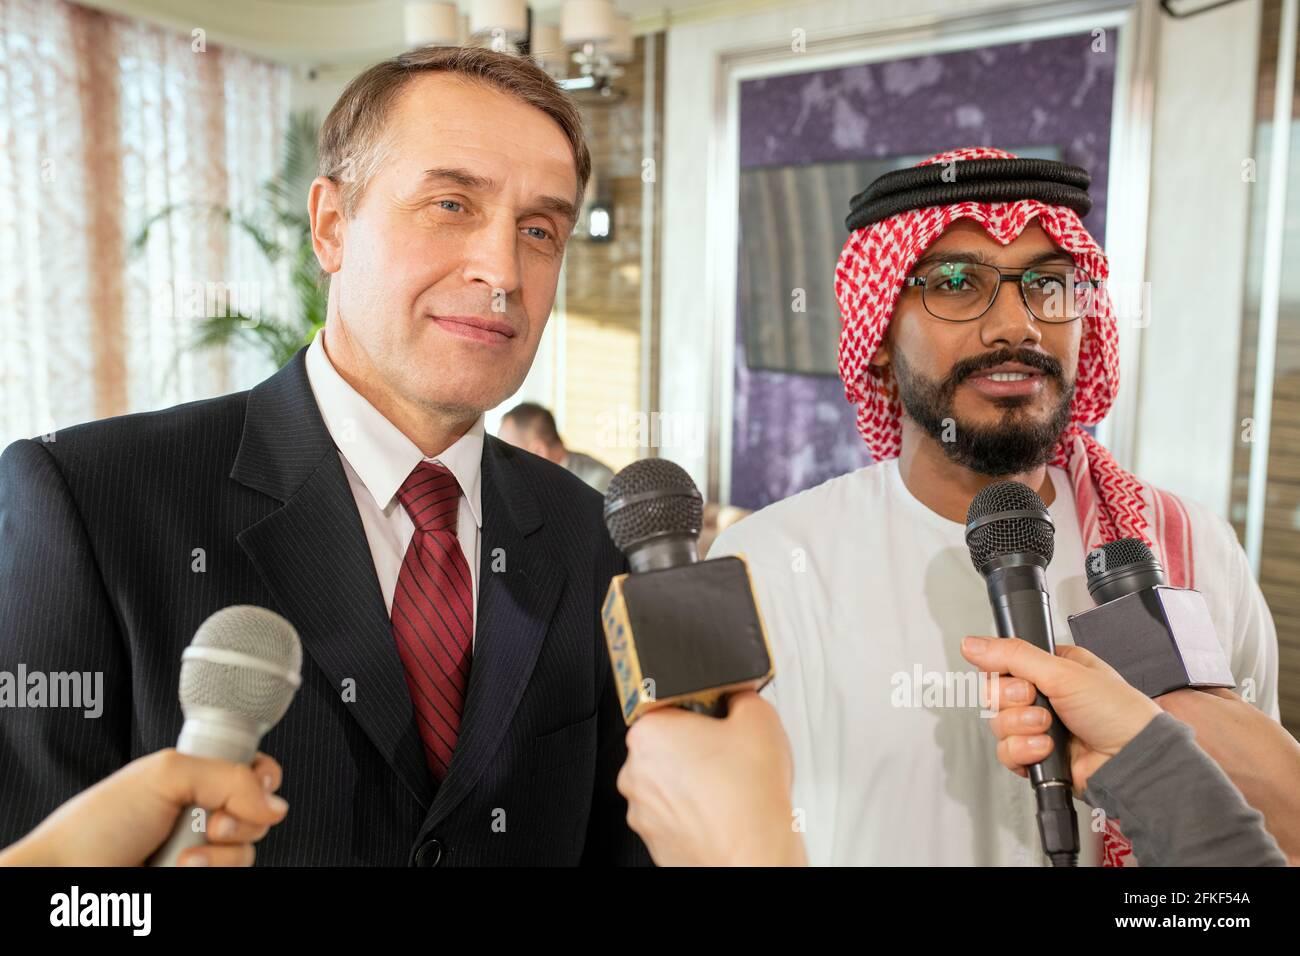 Hommes d'affaires debout devant des journalistes avec des microphones pendant l'entrevue Banque D'Images